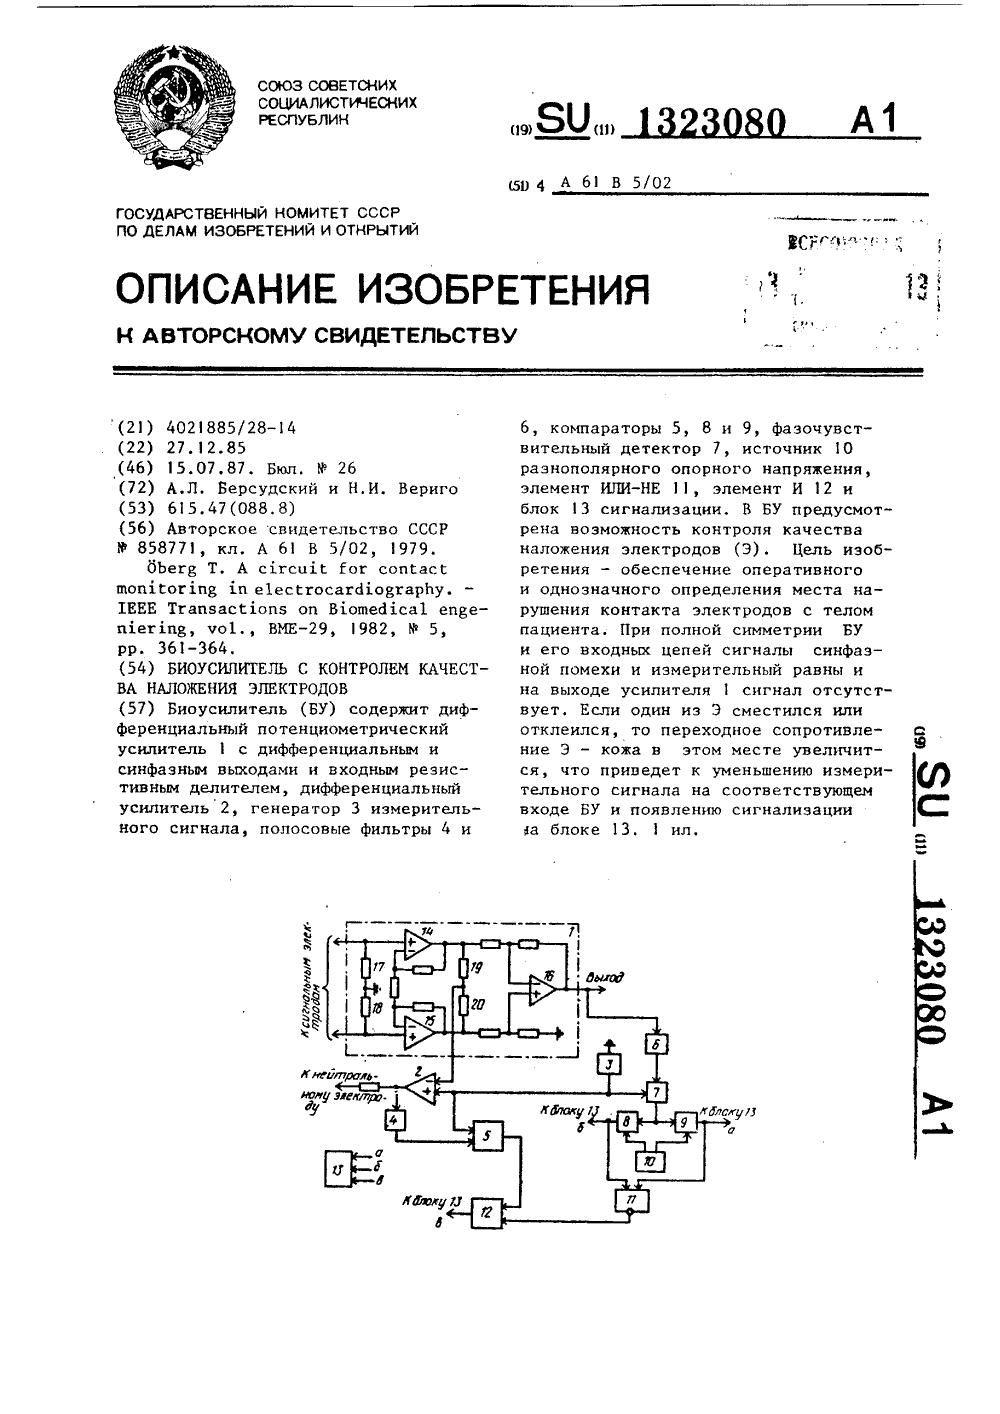 схема накладывания электродов в экг